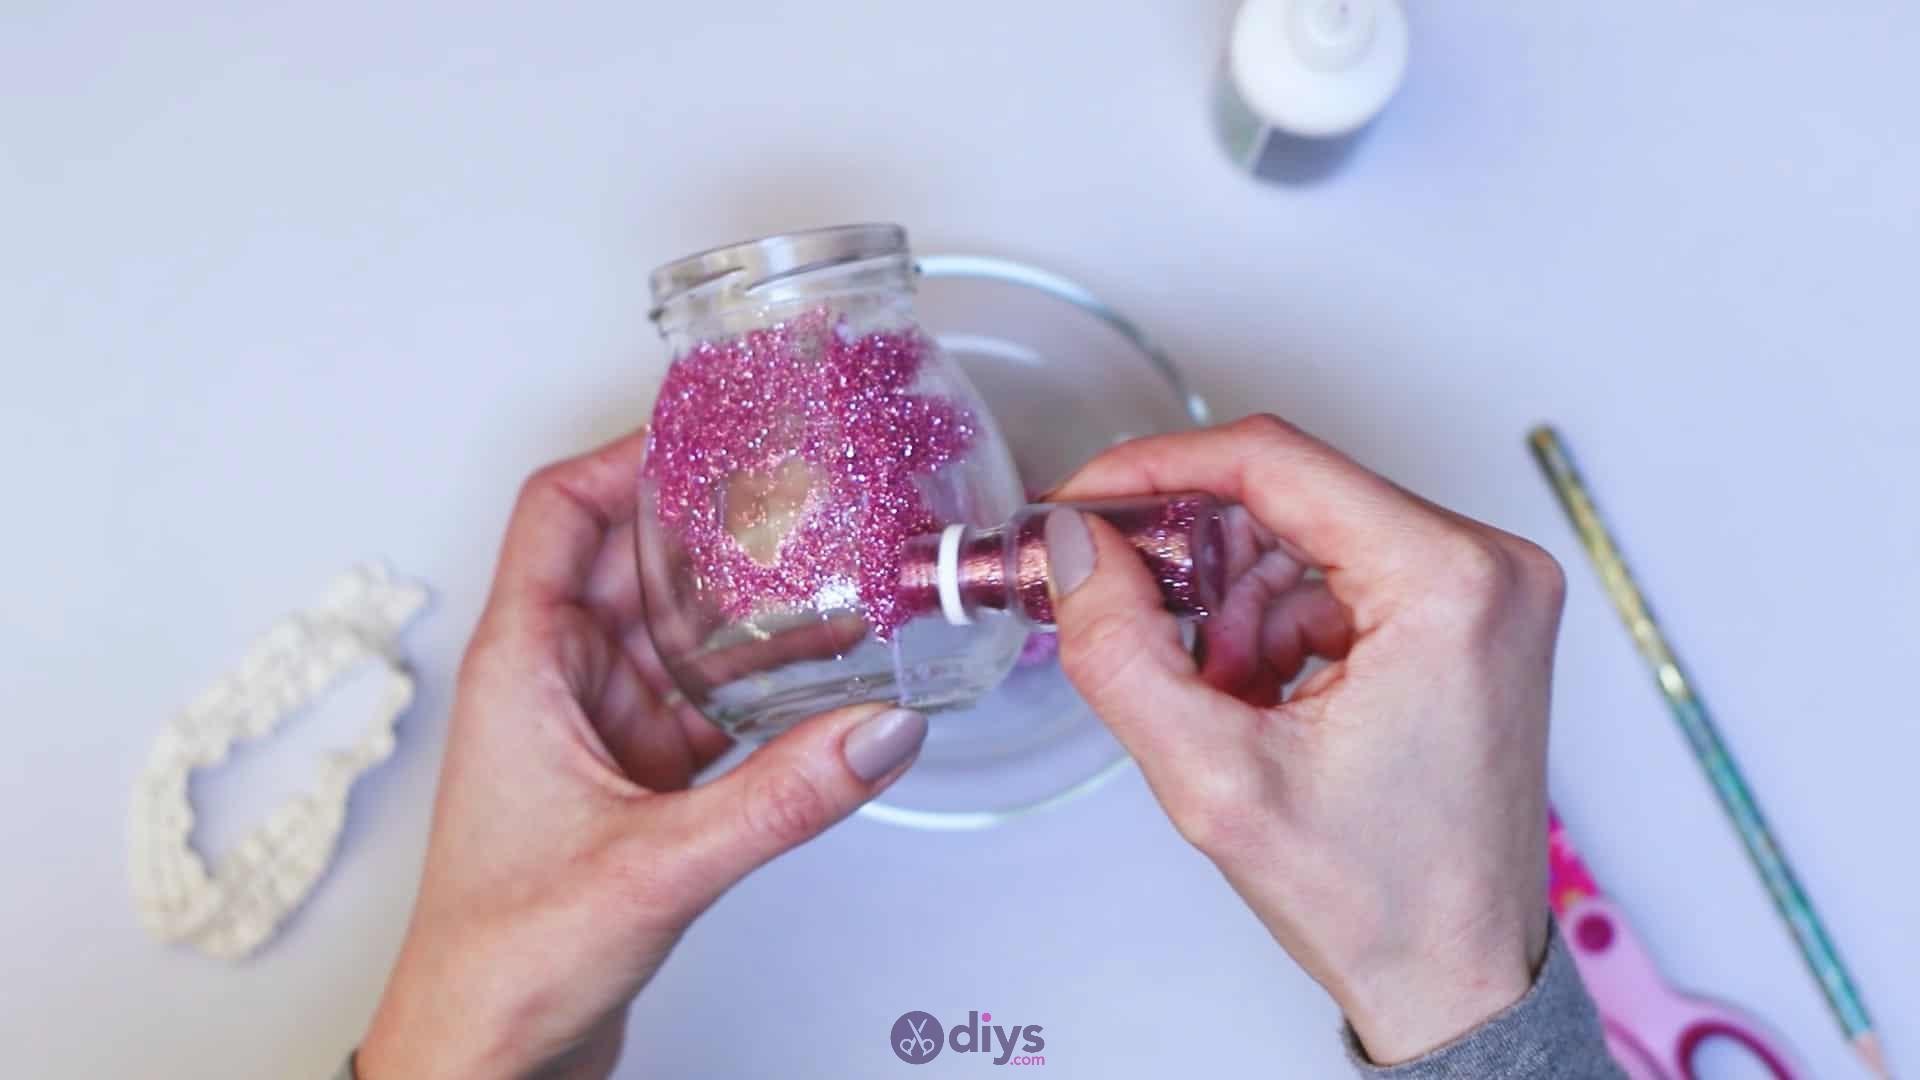 Diy flower glitter vase from glass jars step 6c